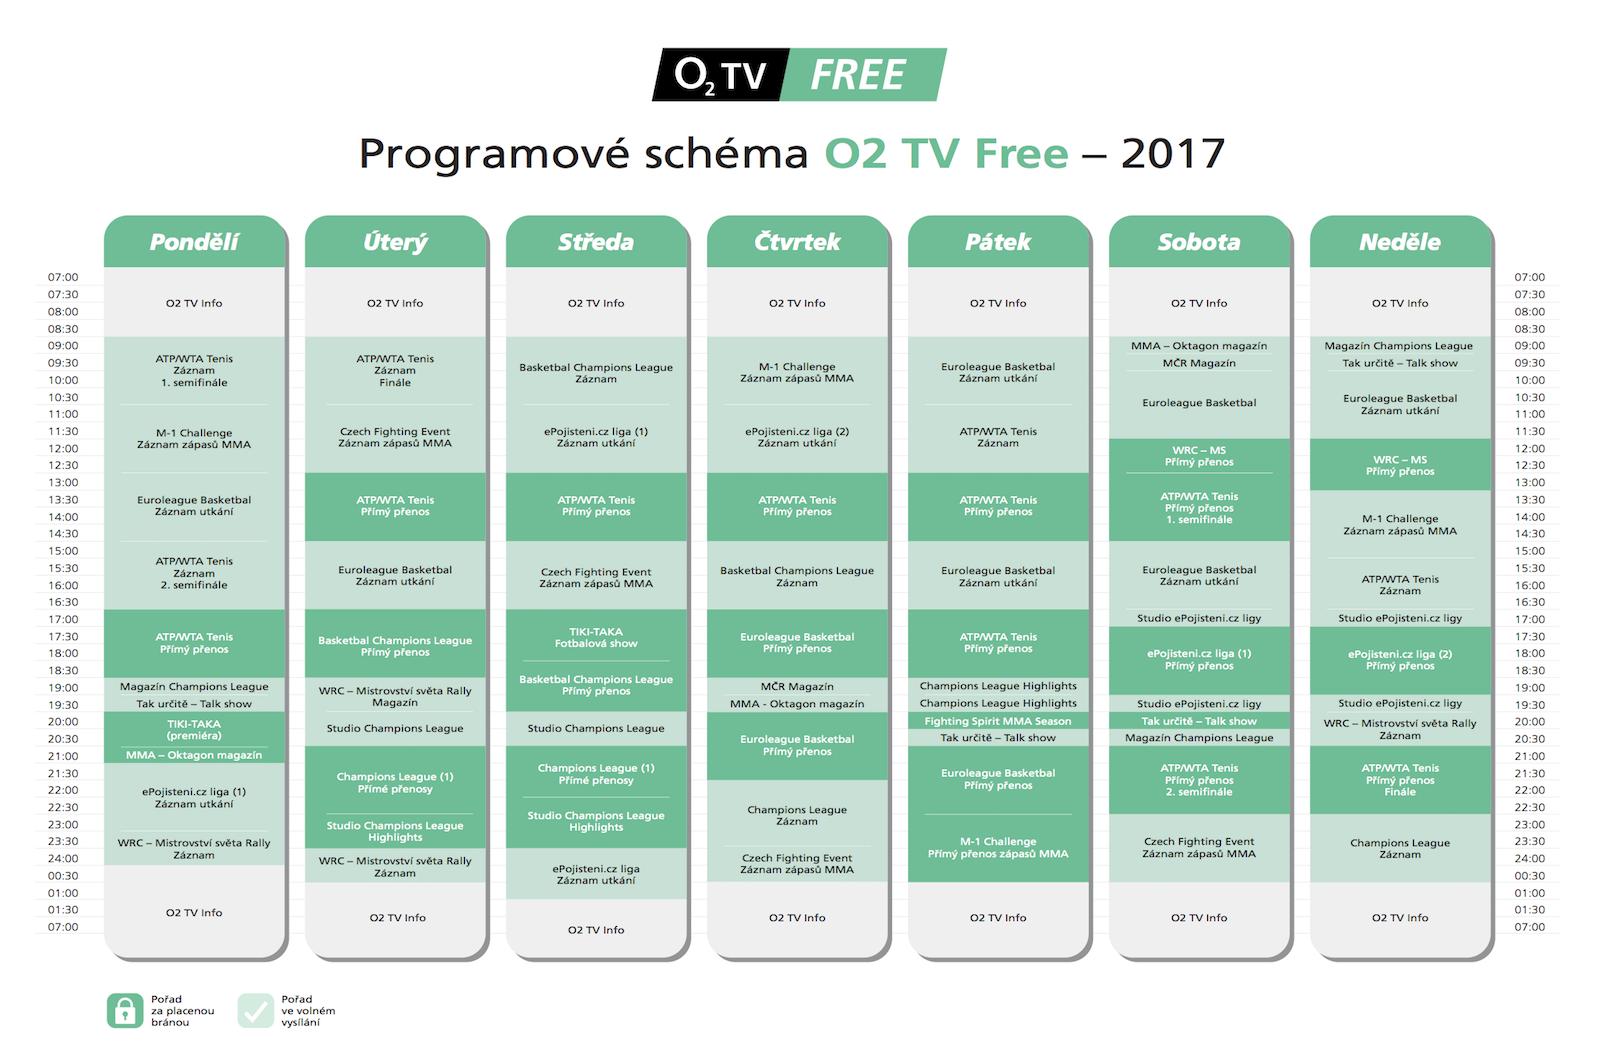 Program O2 TV Free sestává z placených a zdarma přístupných pořadů. Kliknutím zvětšíte